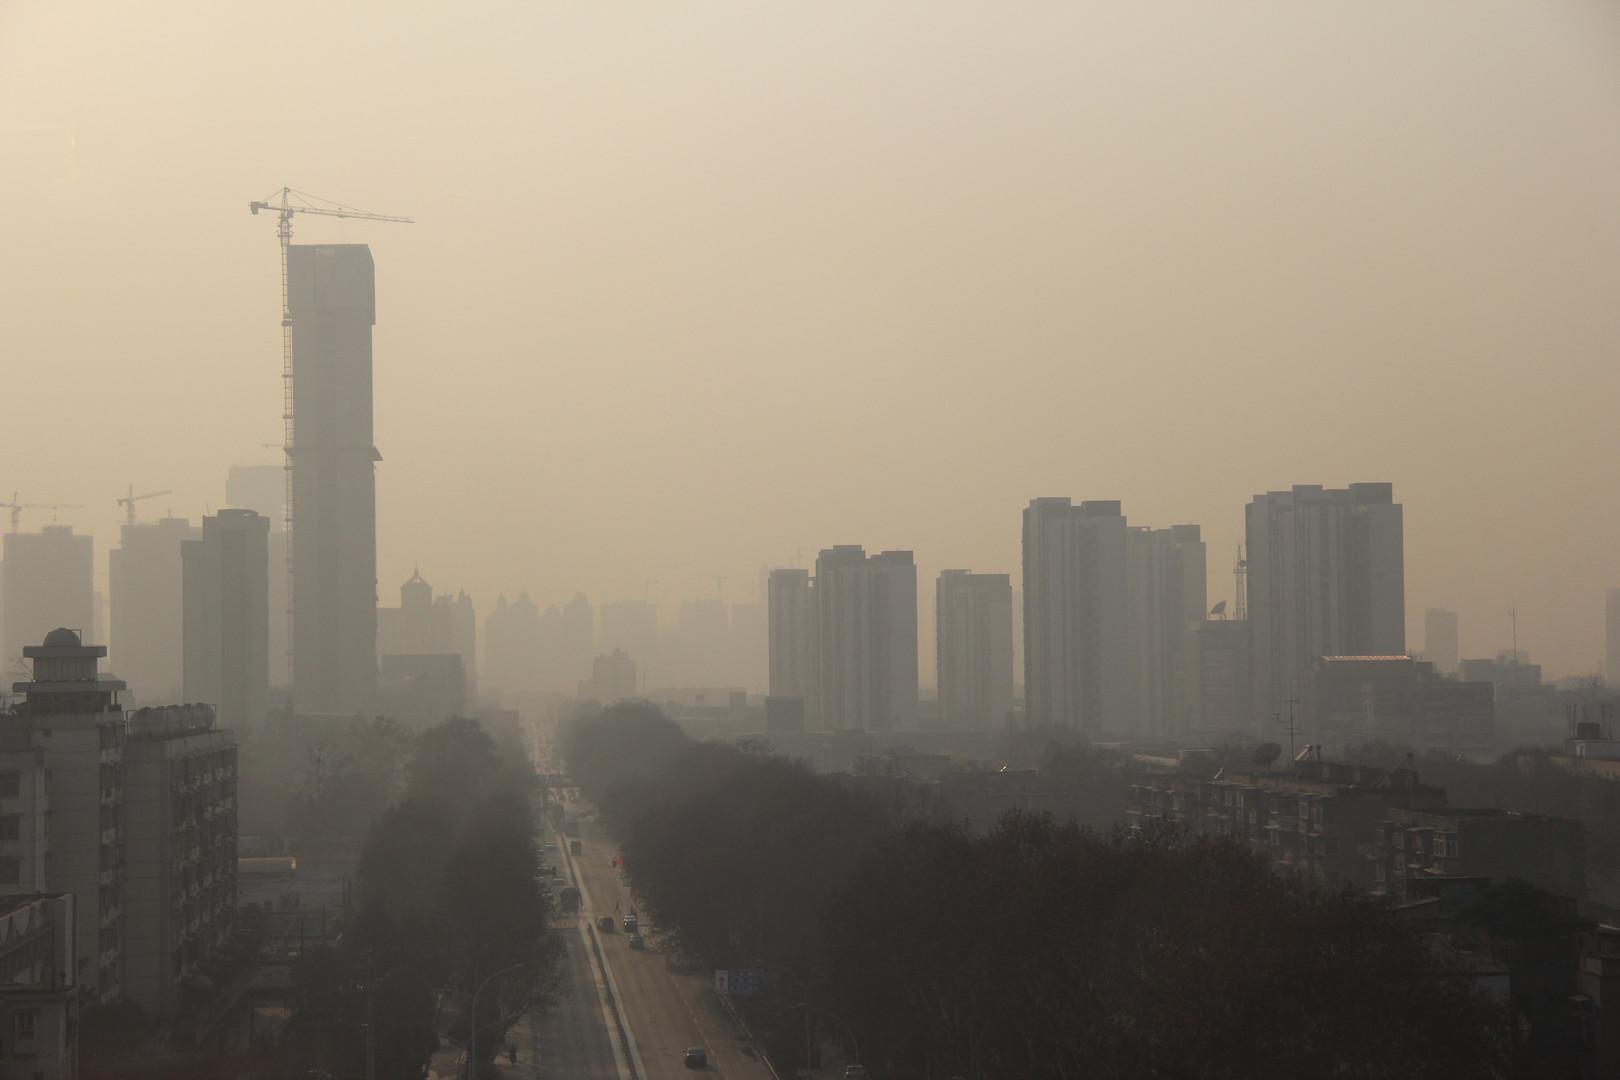 Bejing Skyscrapers - China